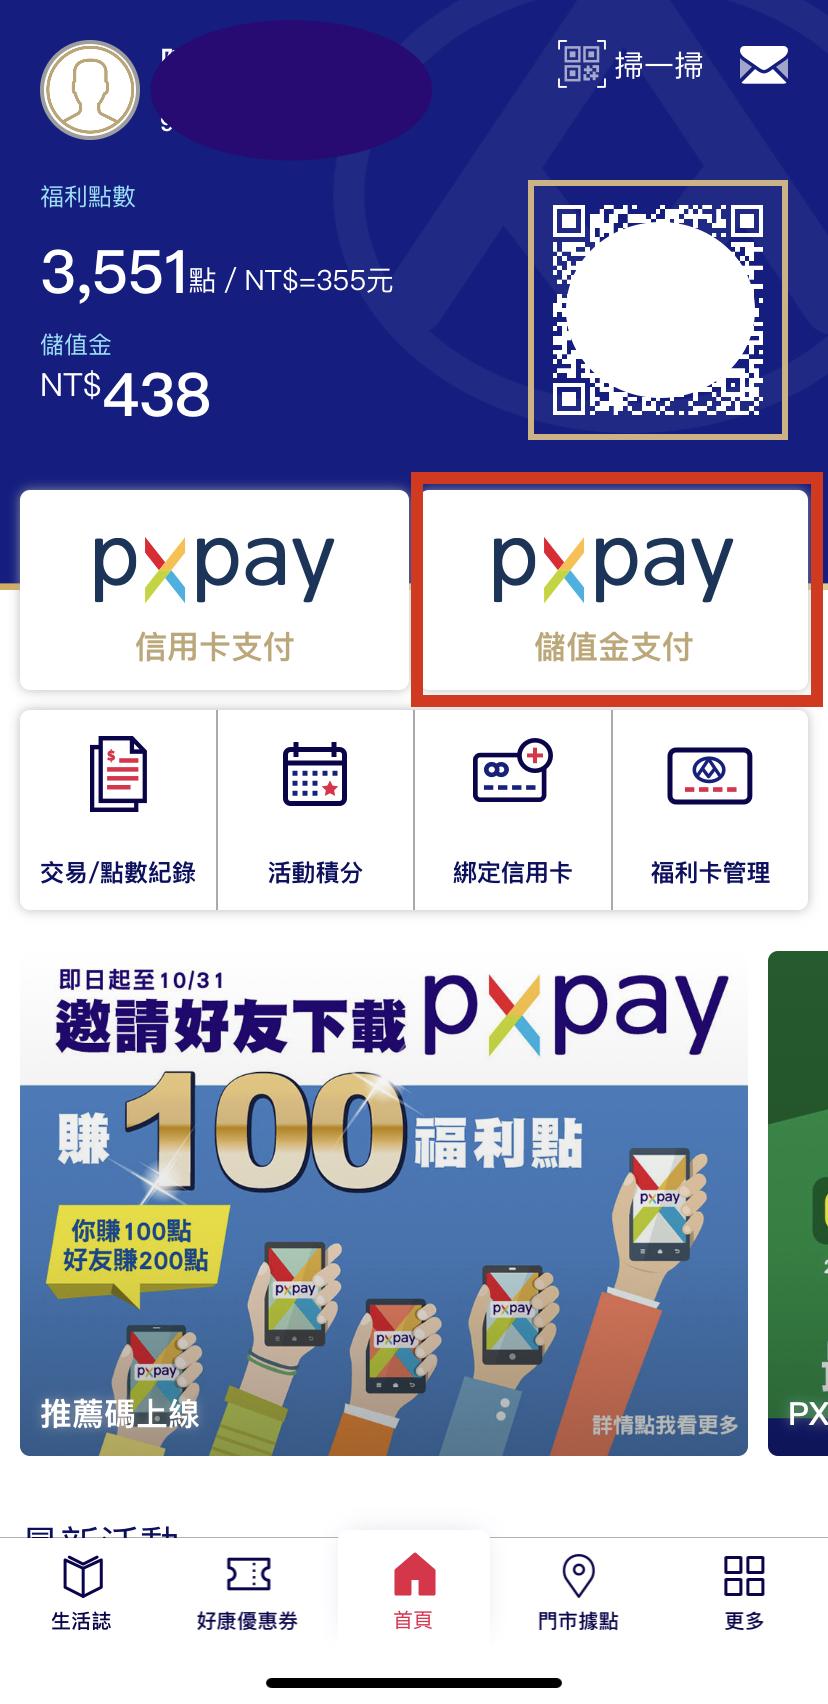 全聯 PX Pay|全聯秒付,方便又快速